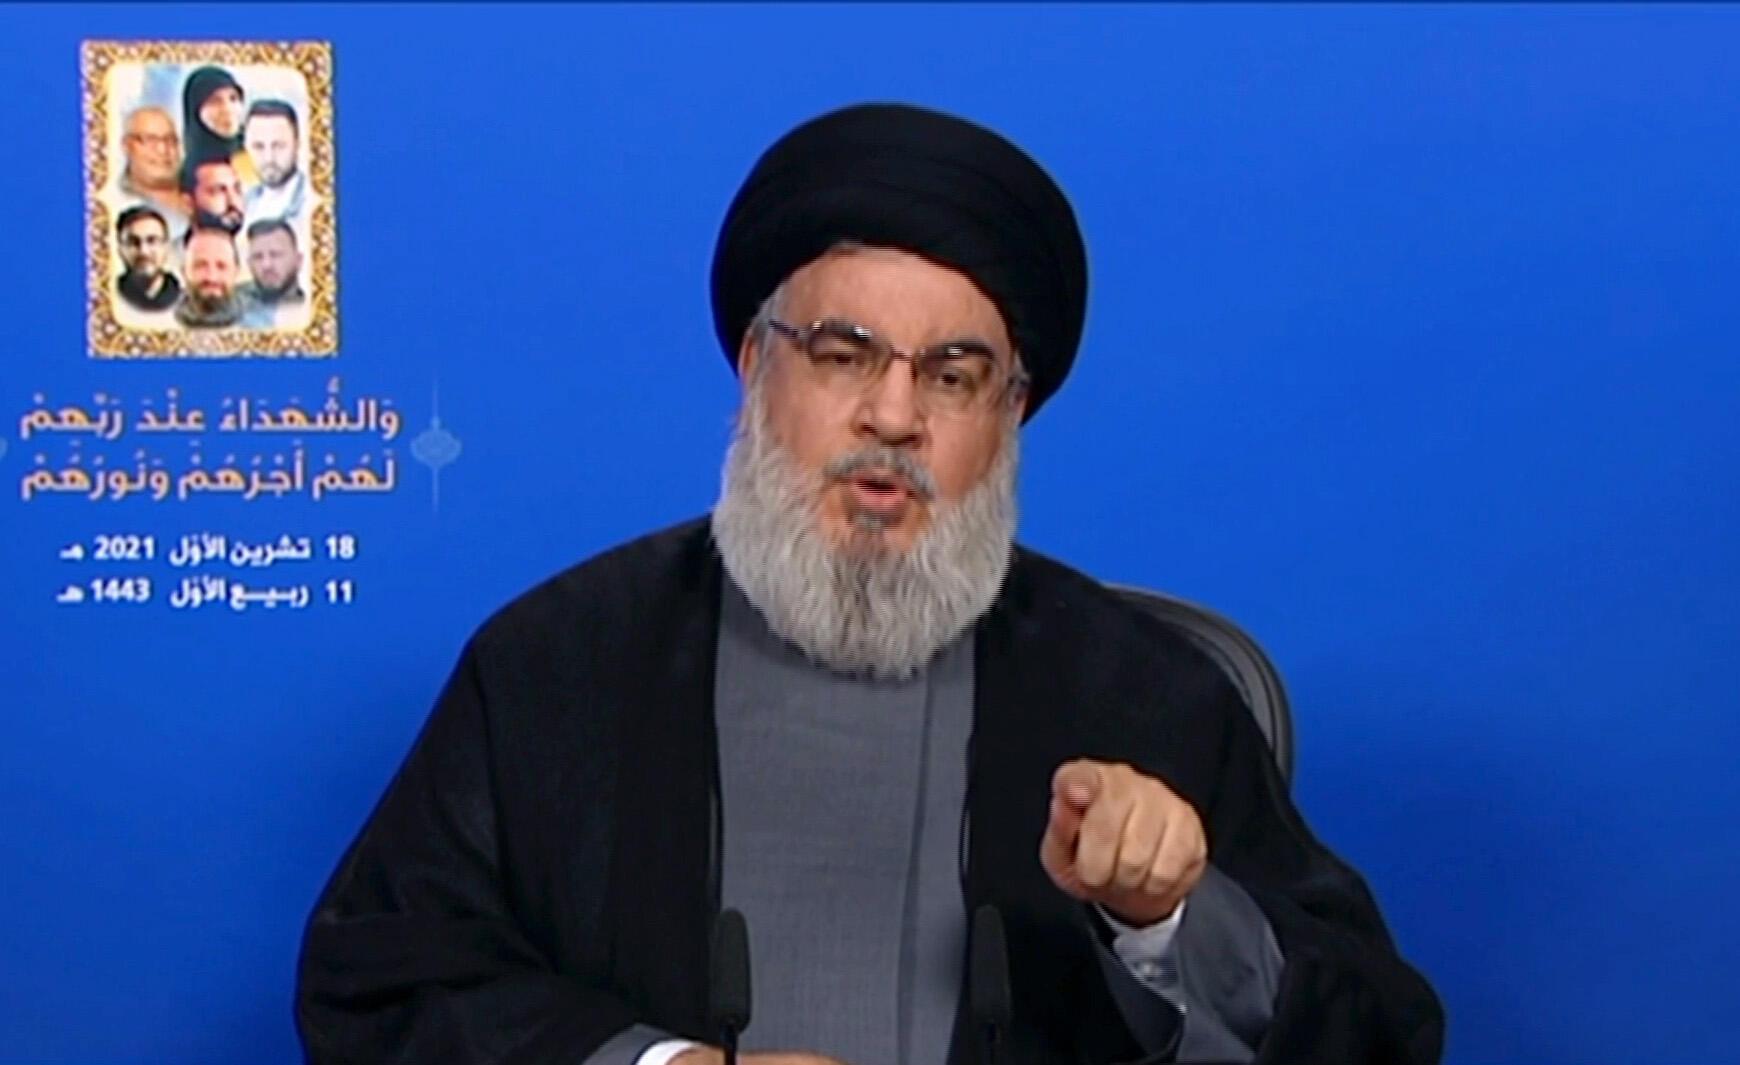 صورة عبر قناة المنار التلفزيونية للامين العام لحزب الله اللبناني حسن نصرالله متحدثا في 18 تشرين الاول/اكتوبر 2021